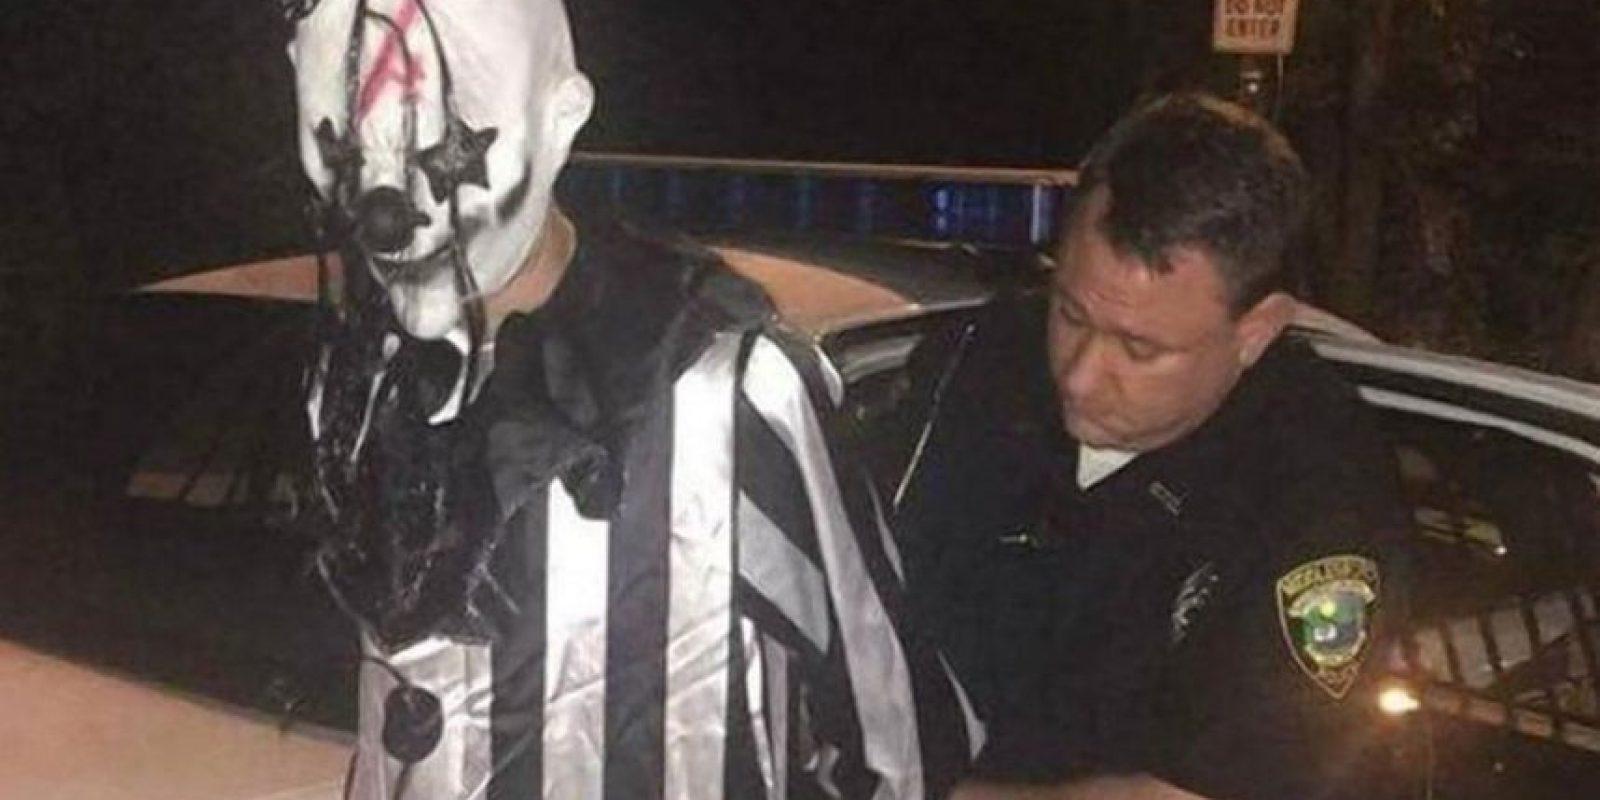 Un joven de 20 años fue detenido Foto:Middlesboro Police Department